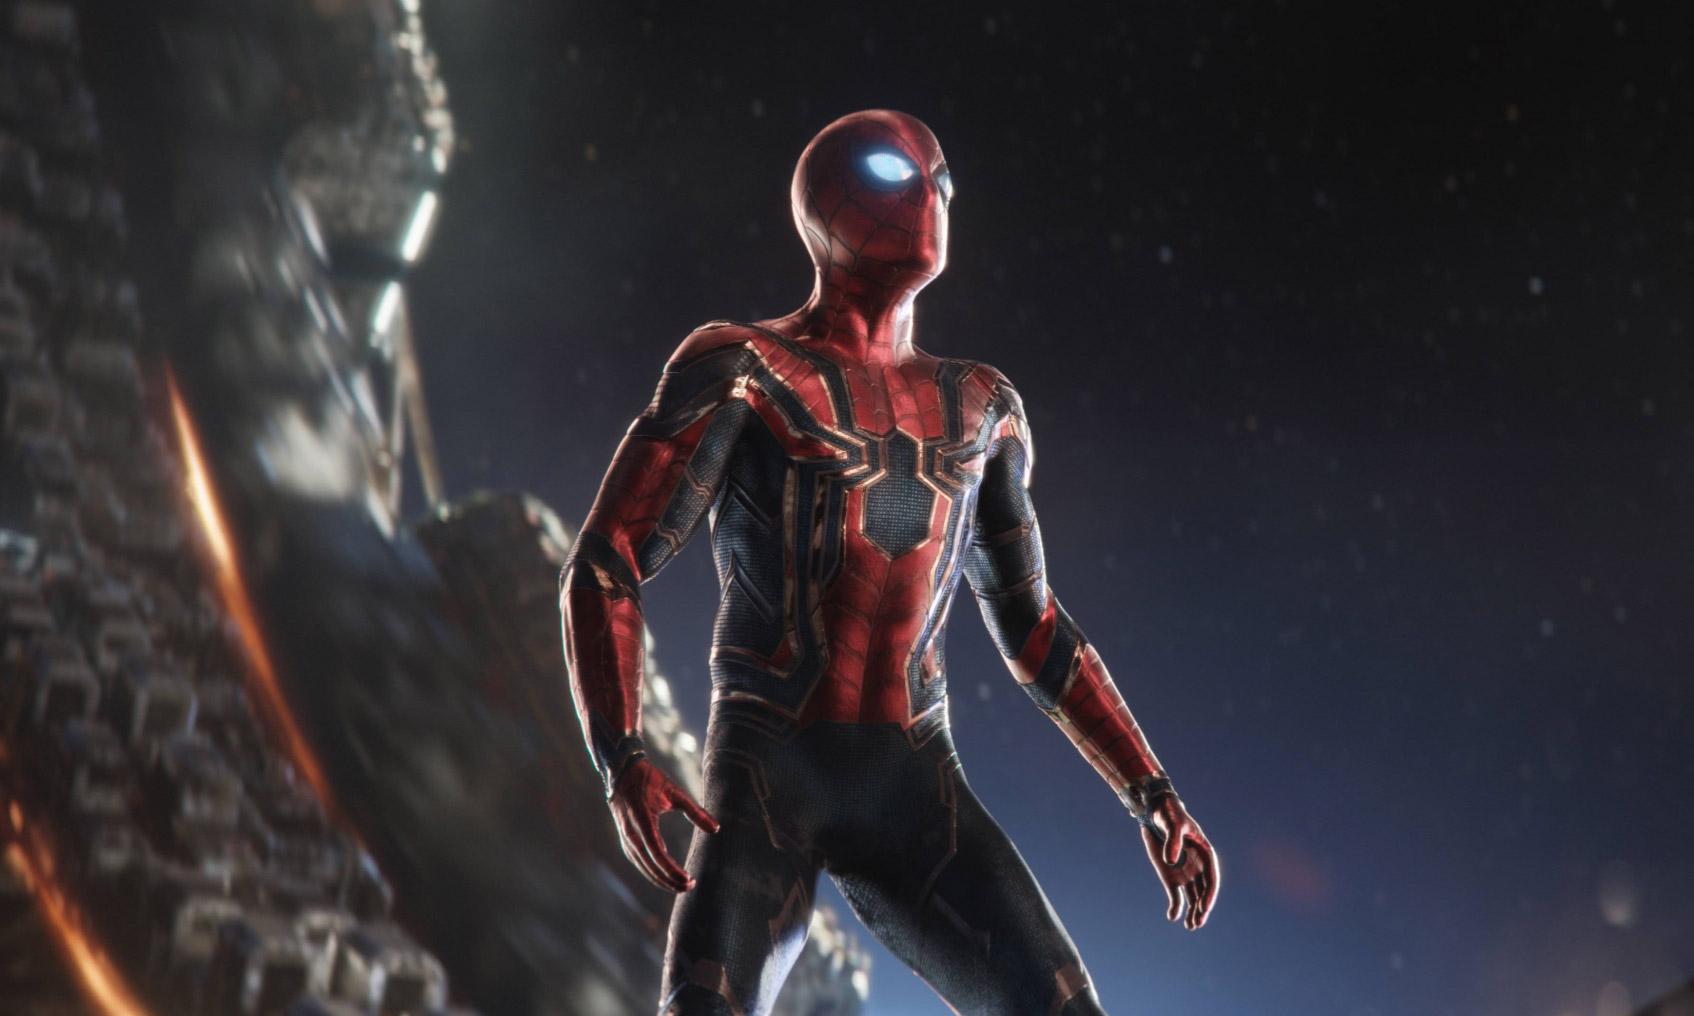 重修旧好,漫威索尼将携手打造《蜘蛛侠》系列第三部